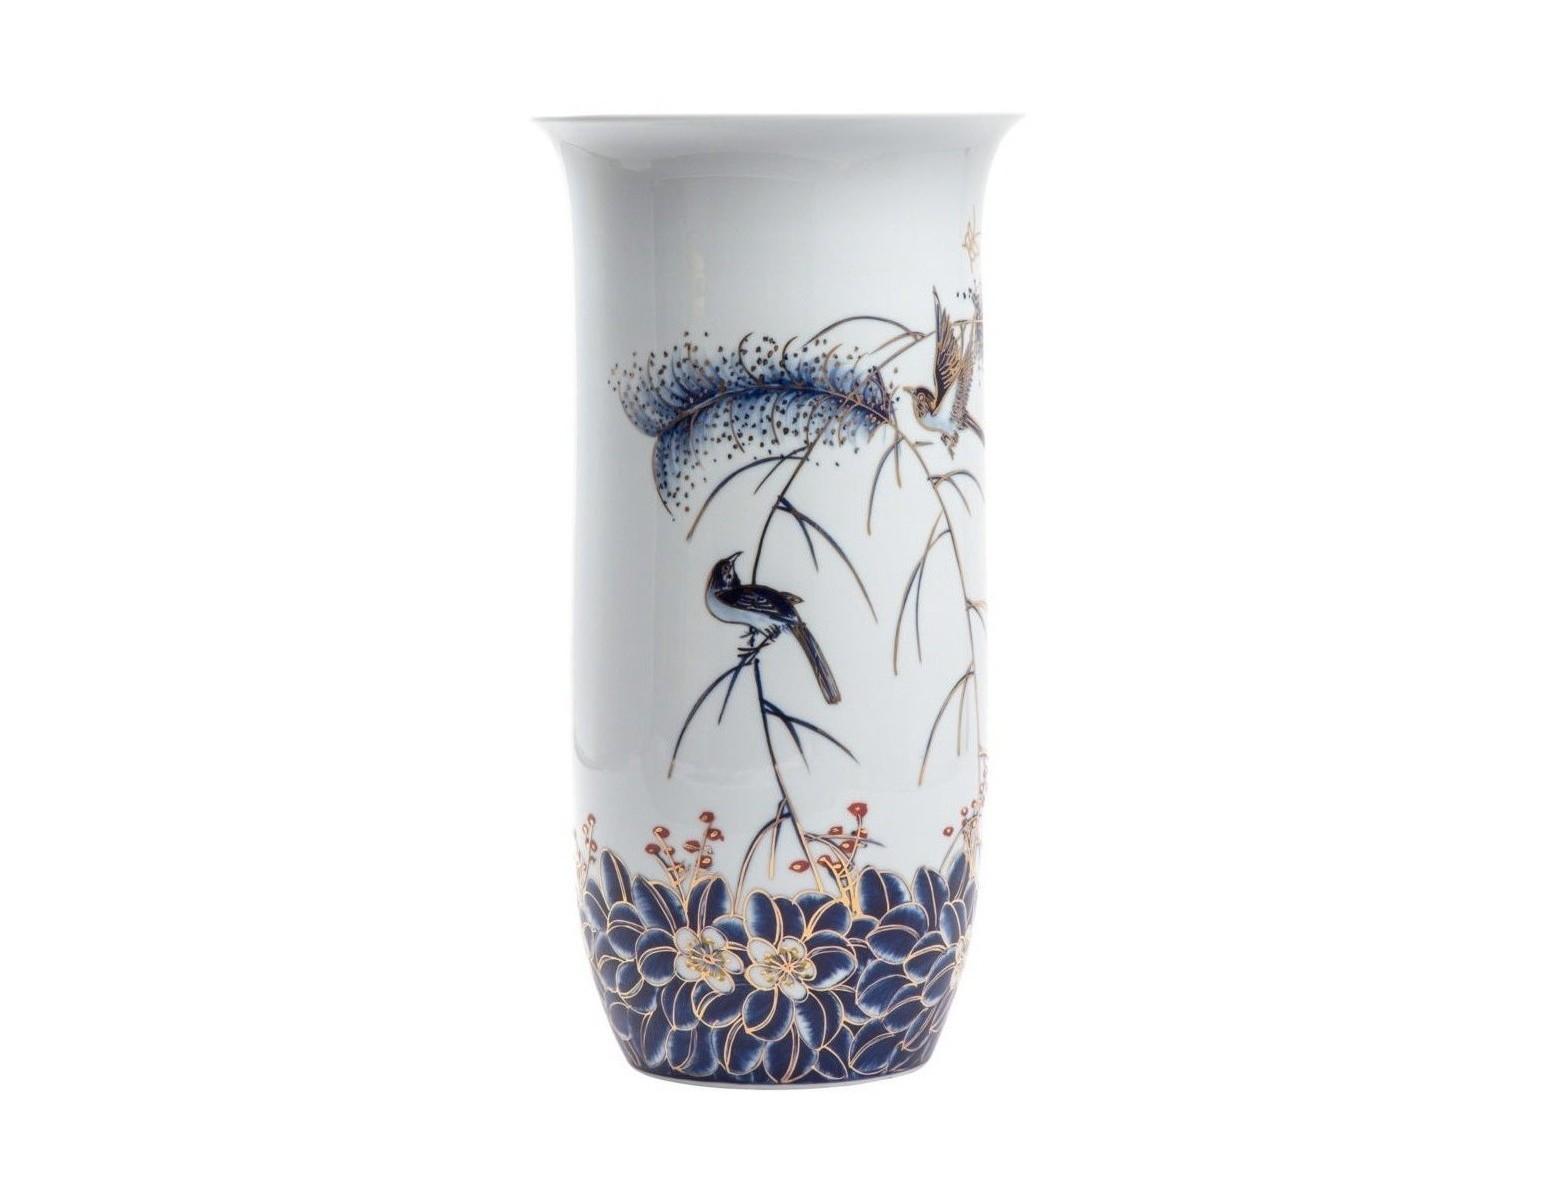 Ваза настольная Paradise tallВазы<br><br><br>Material: Керамика<br>Высота см: 50